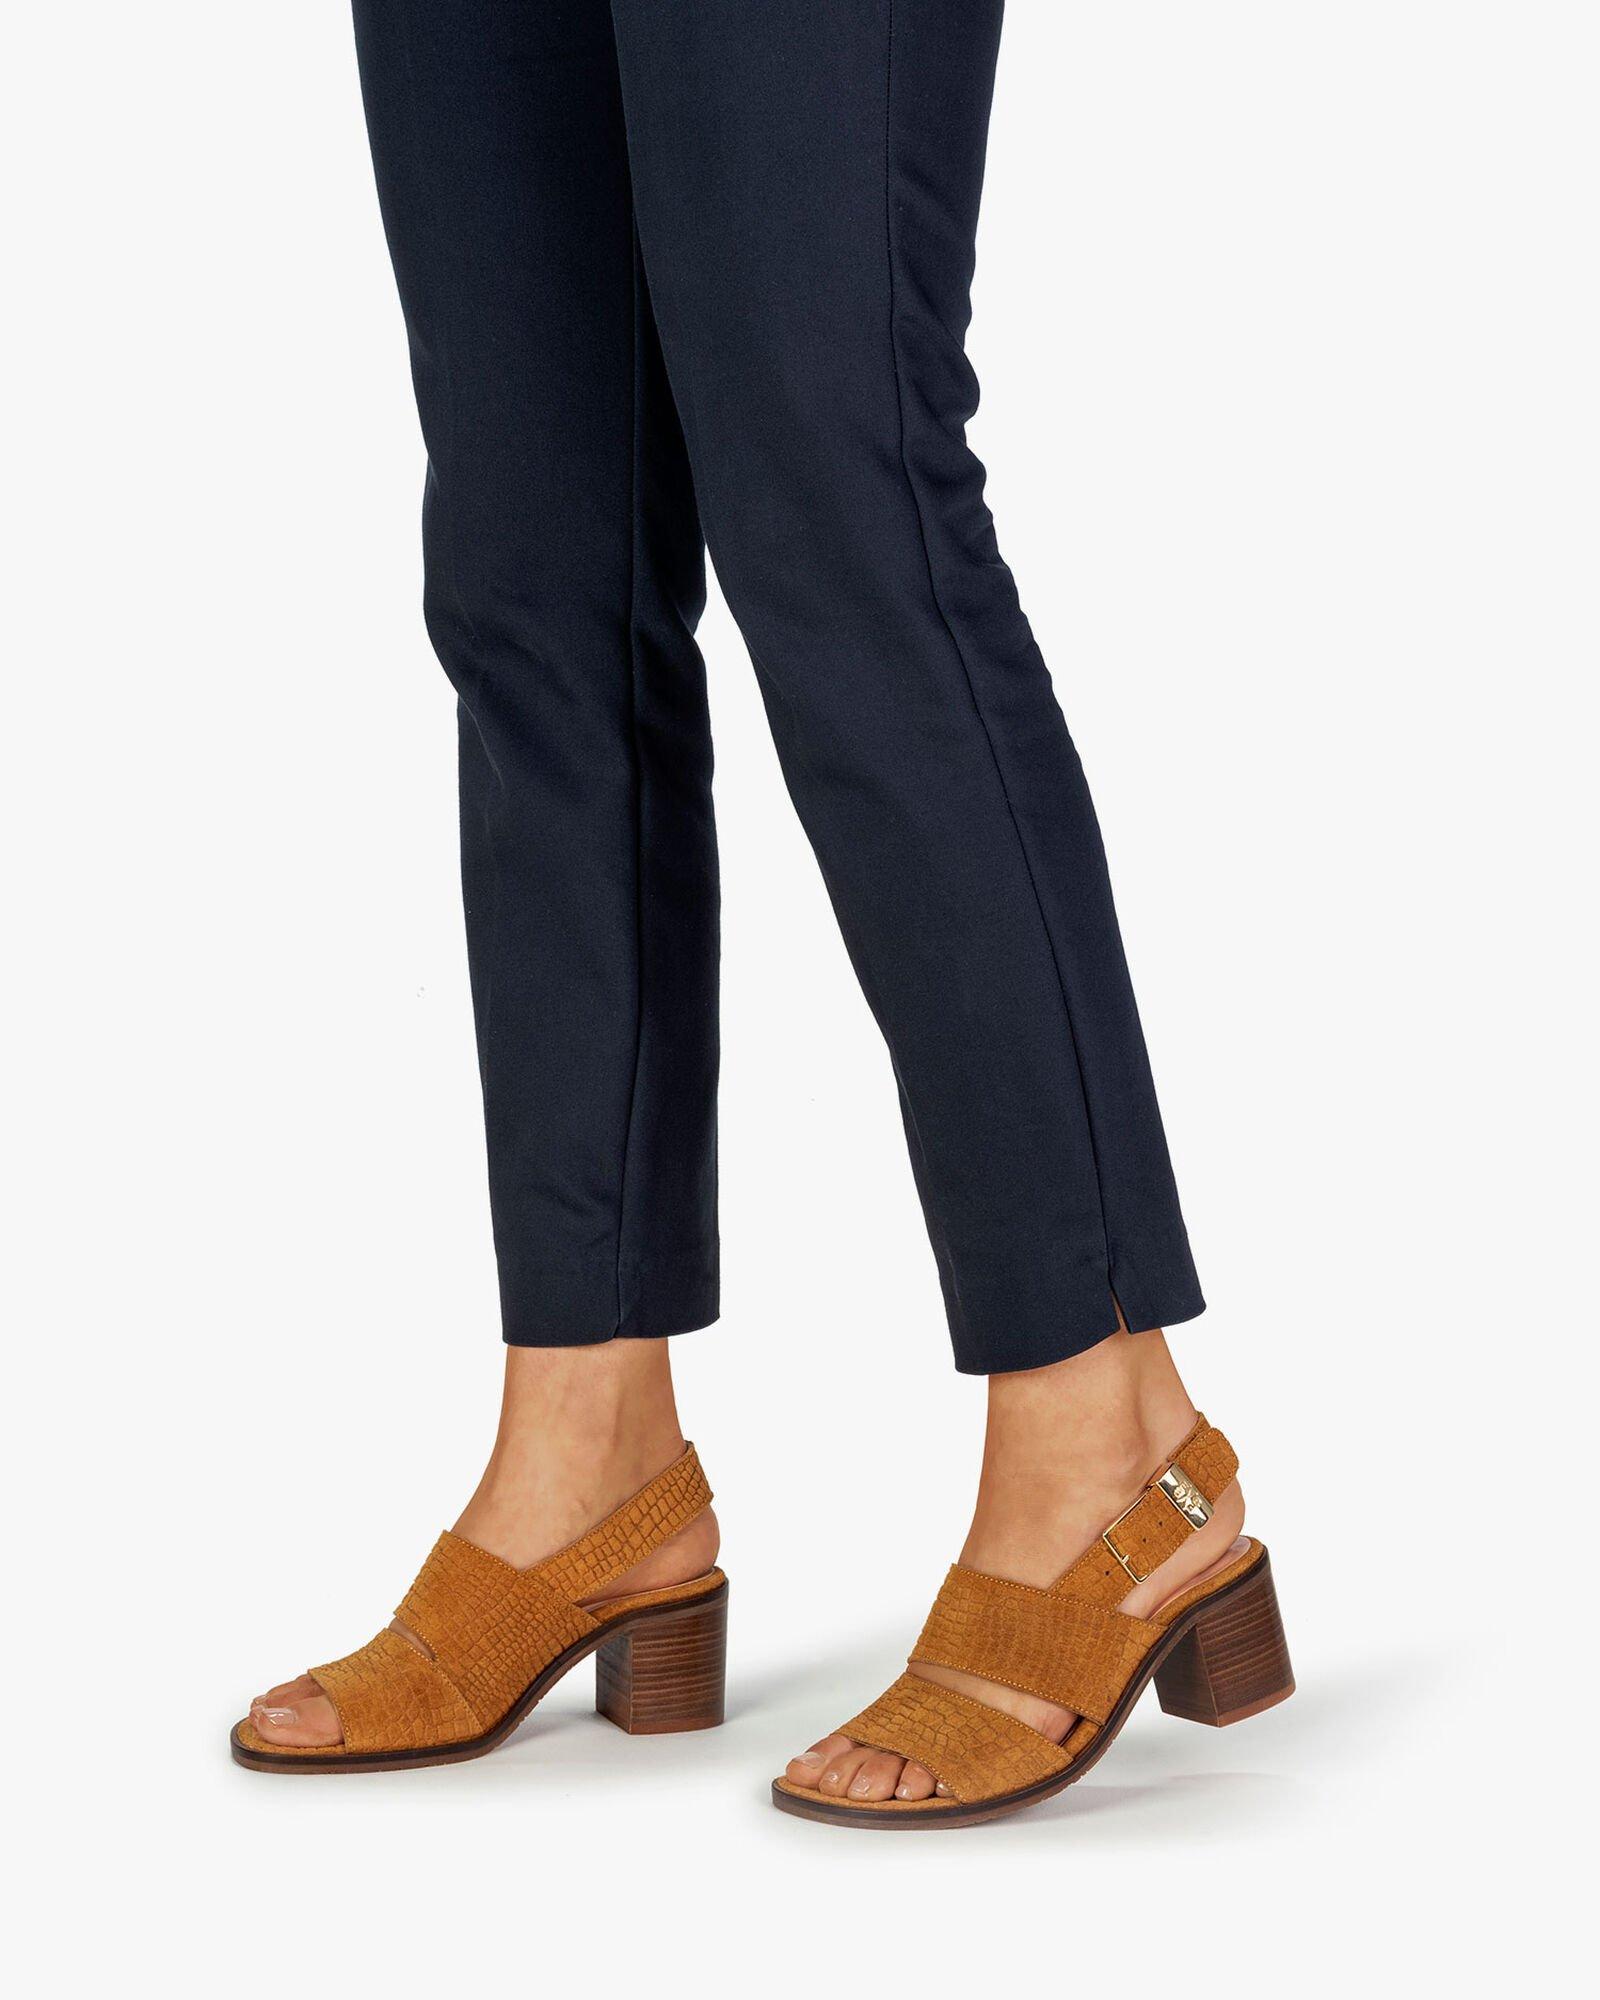 3x Floris van Bommel dames sandalen van de sale